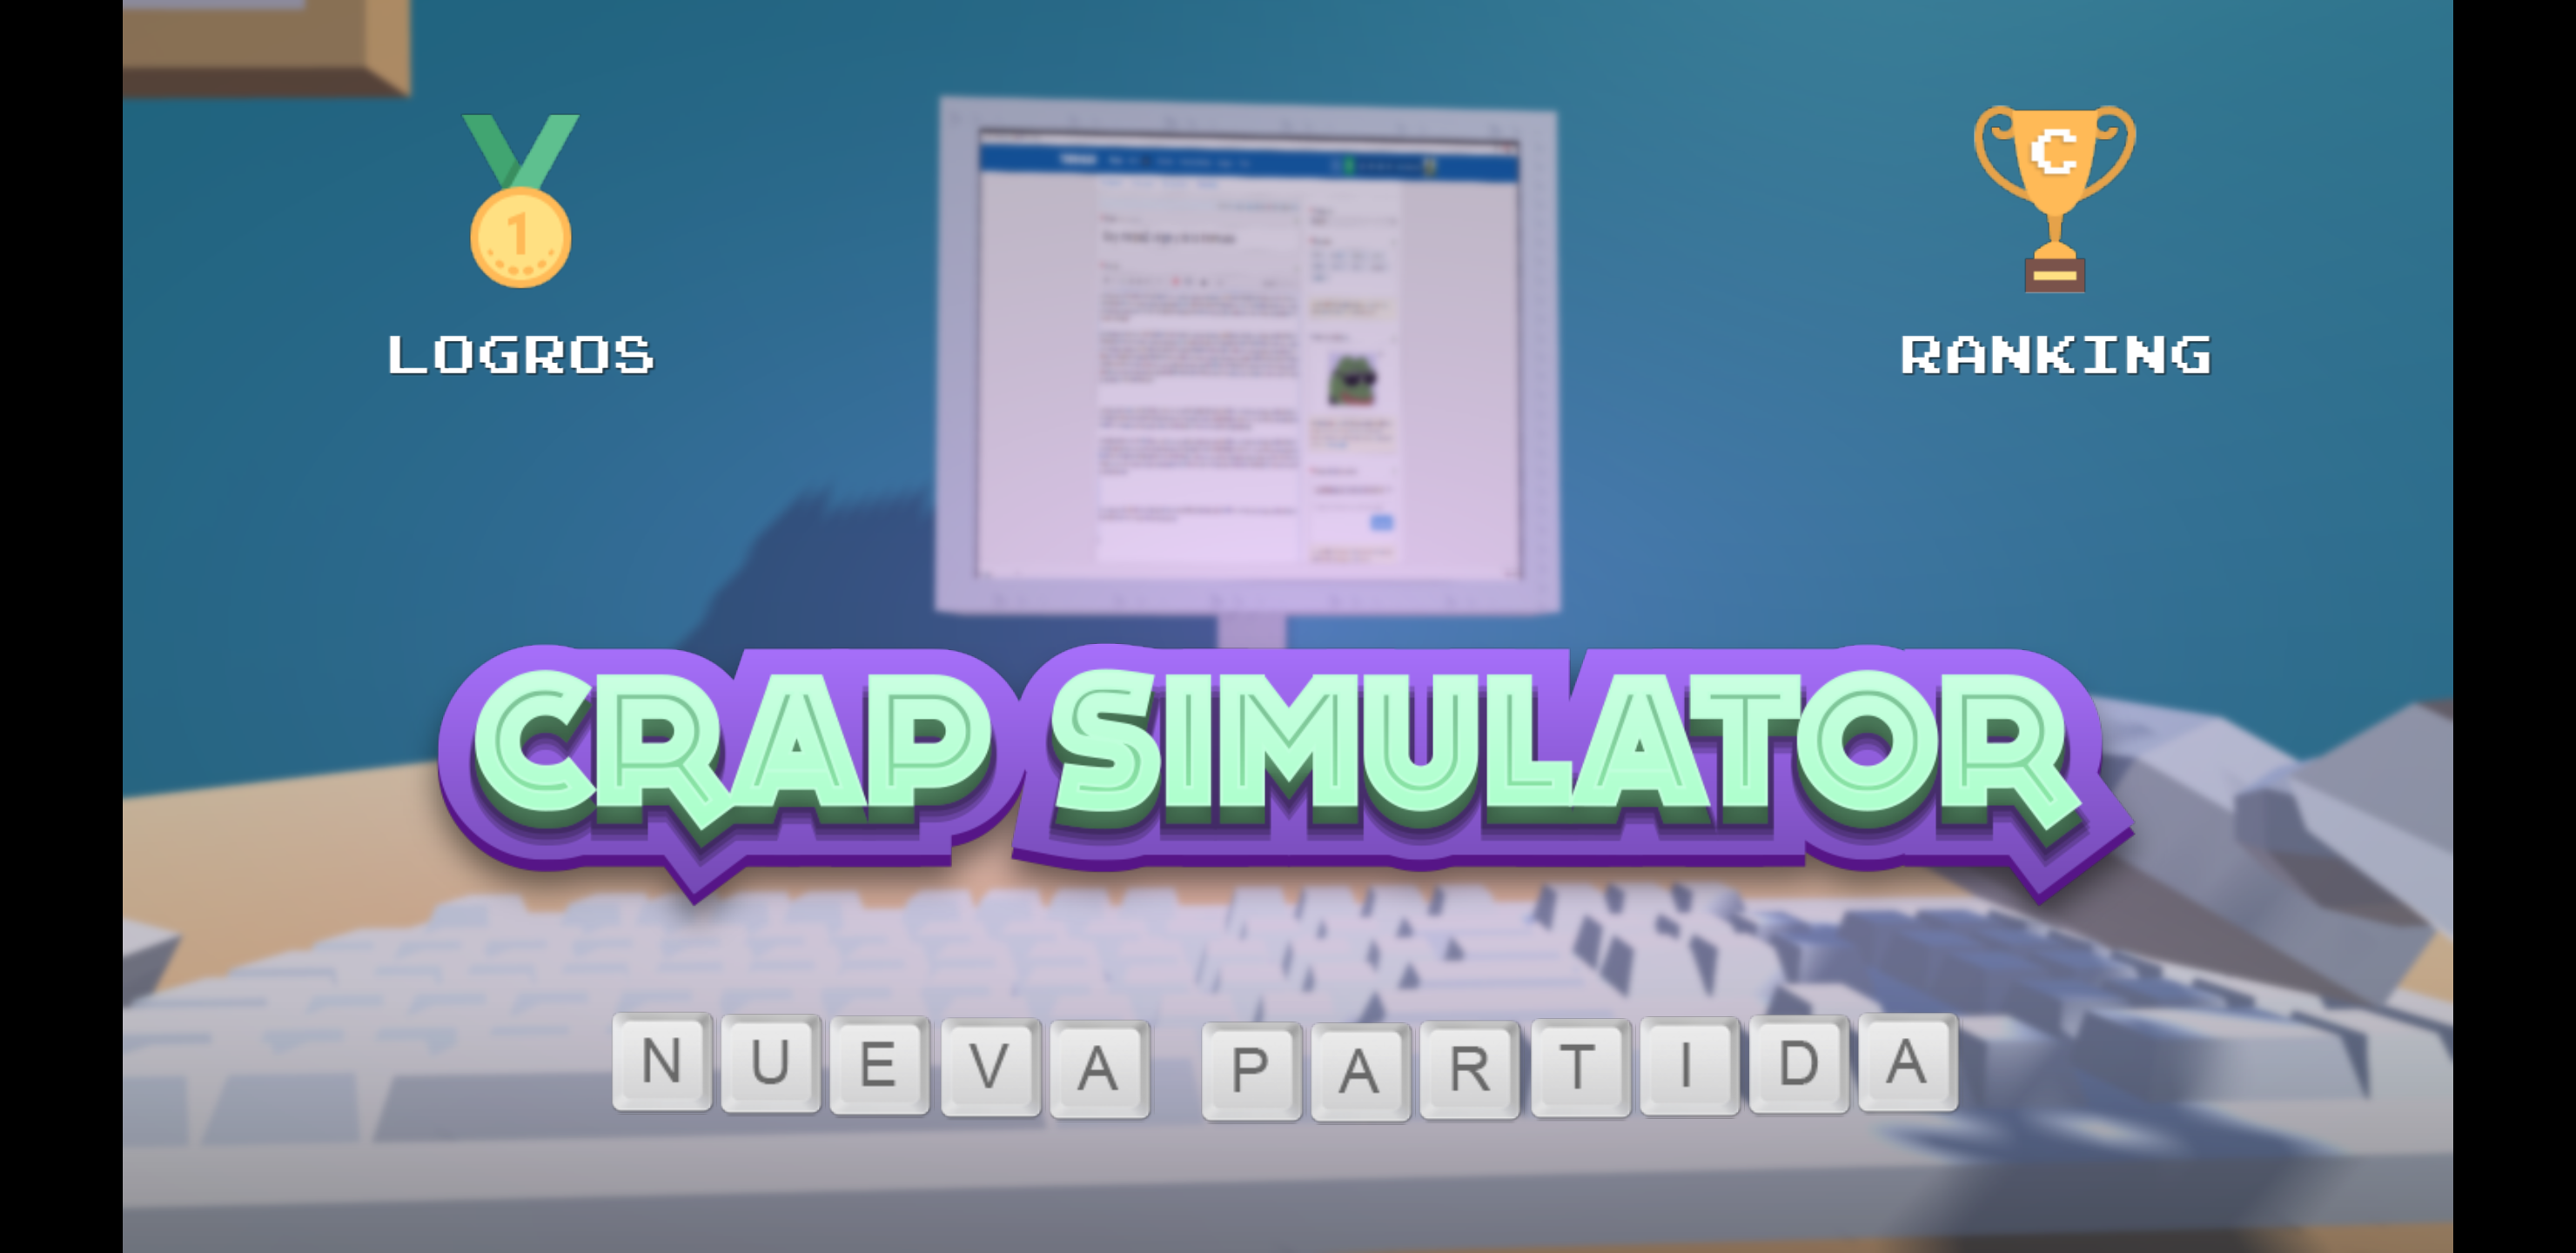 Crap Simulator